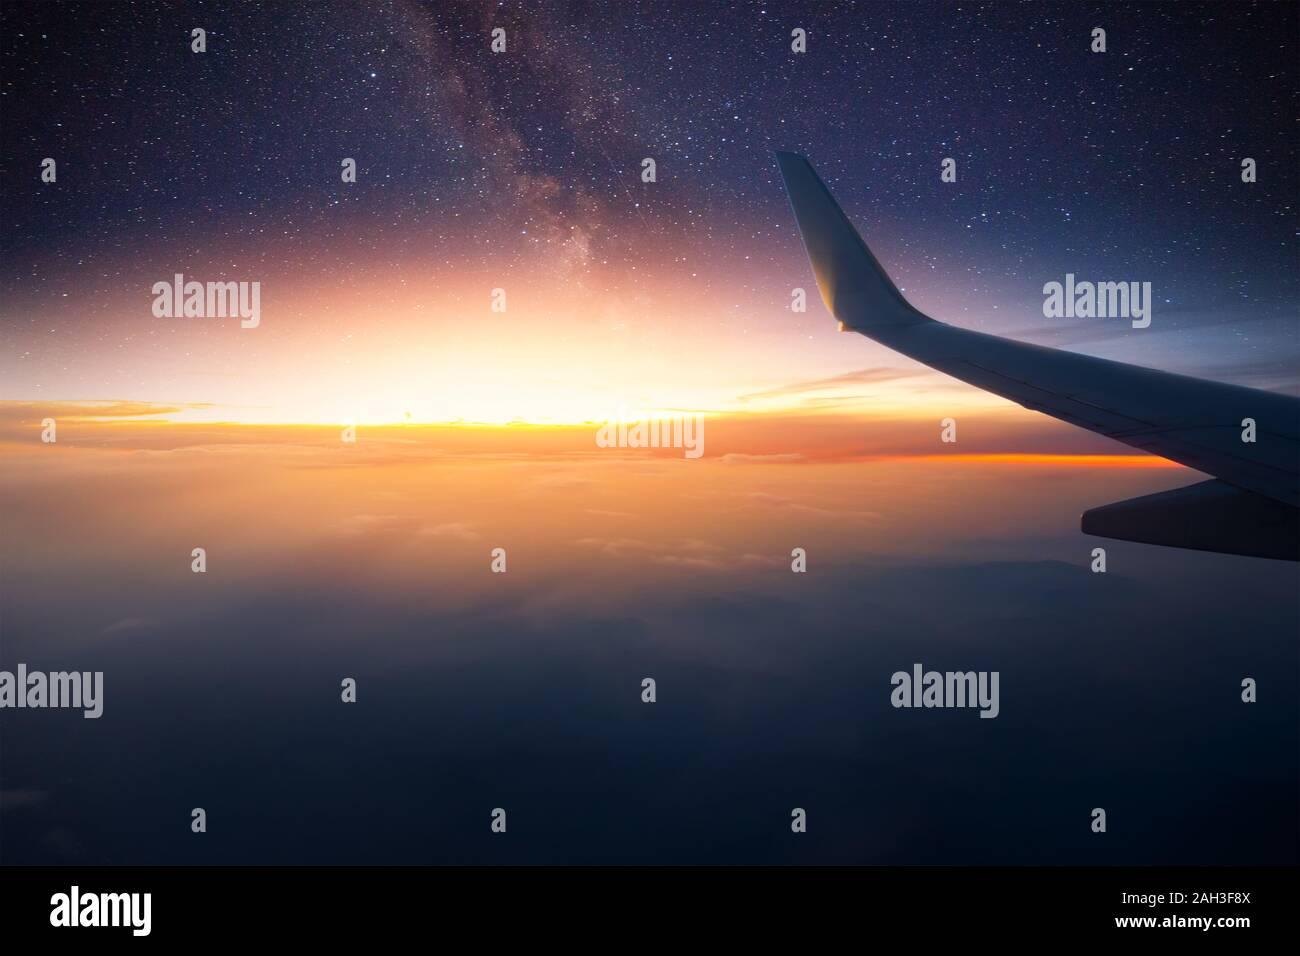 Avión está volando en la noche. El espacio de la Vía Láctea vista desde la ventana de avión. Claro oscuro cielo estrellado. Foto de stock